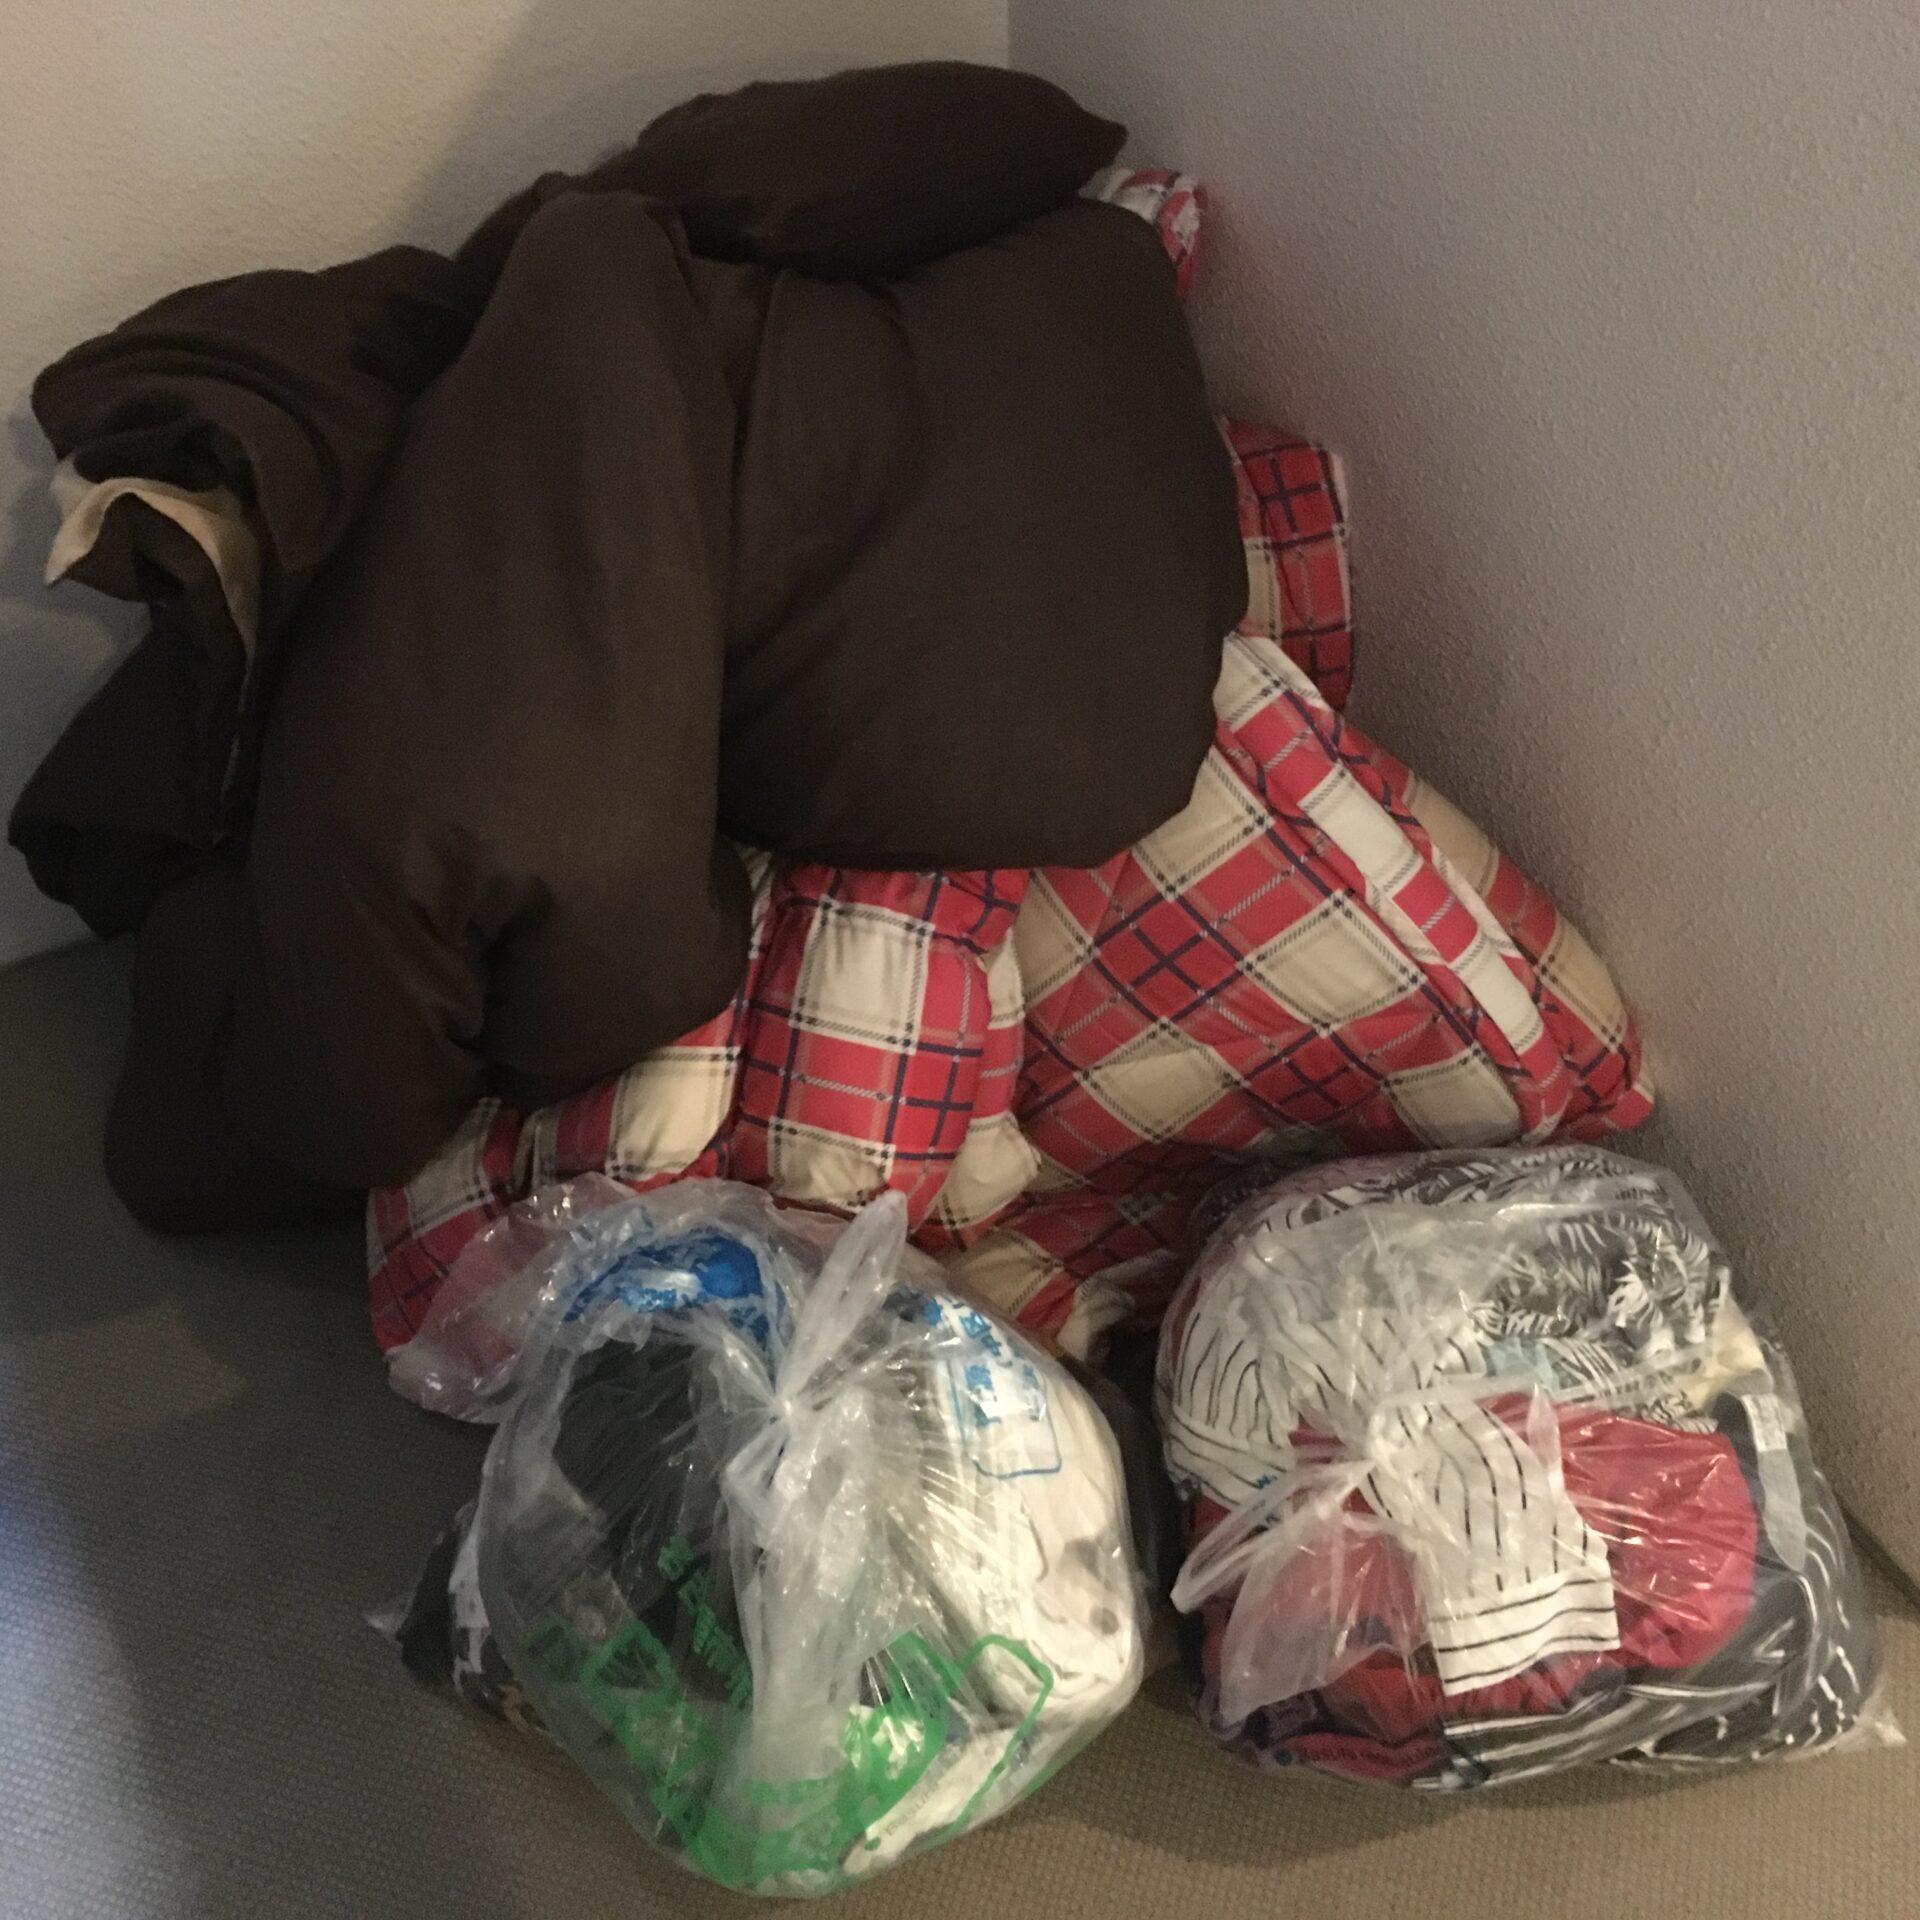 廃棄処分に間に合わなかった袋ごみと布団の処分